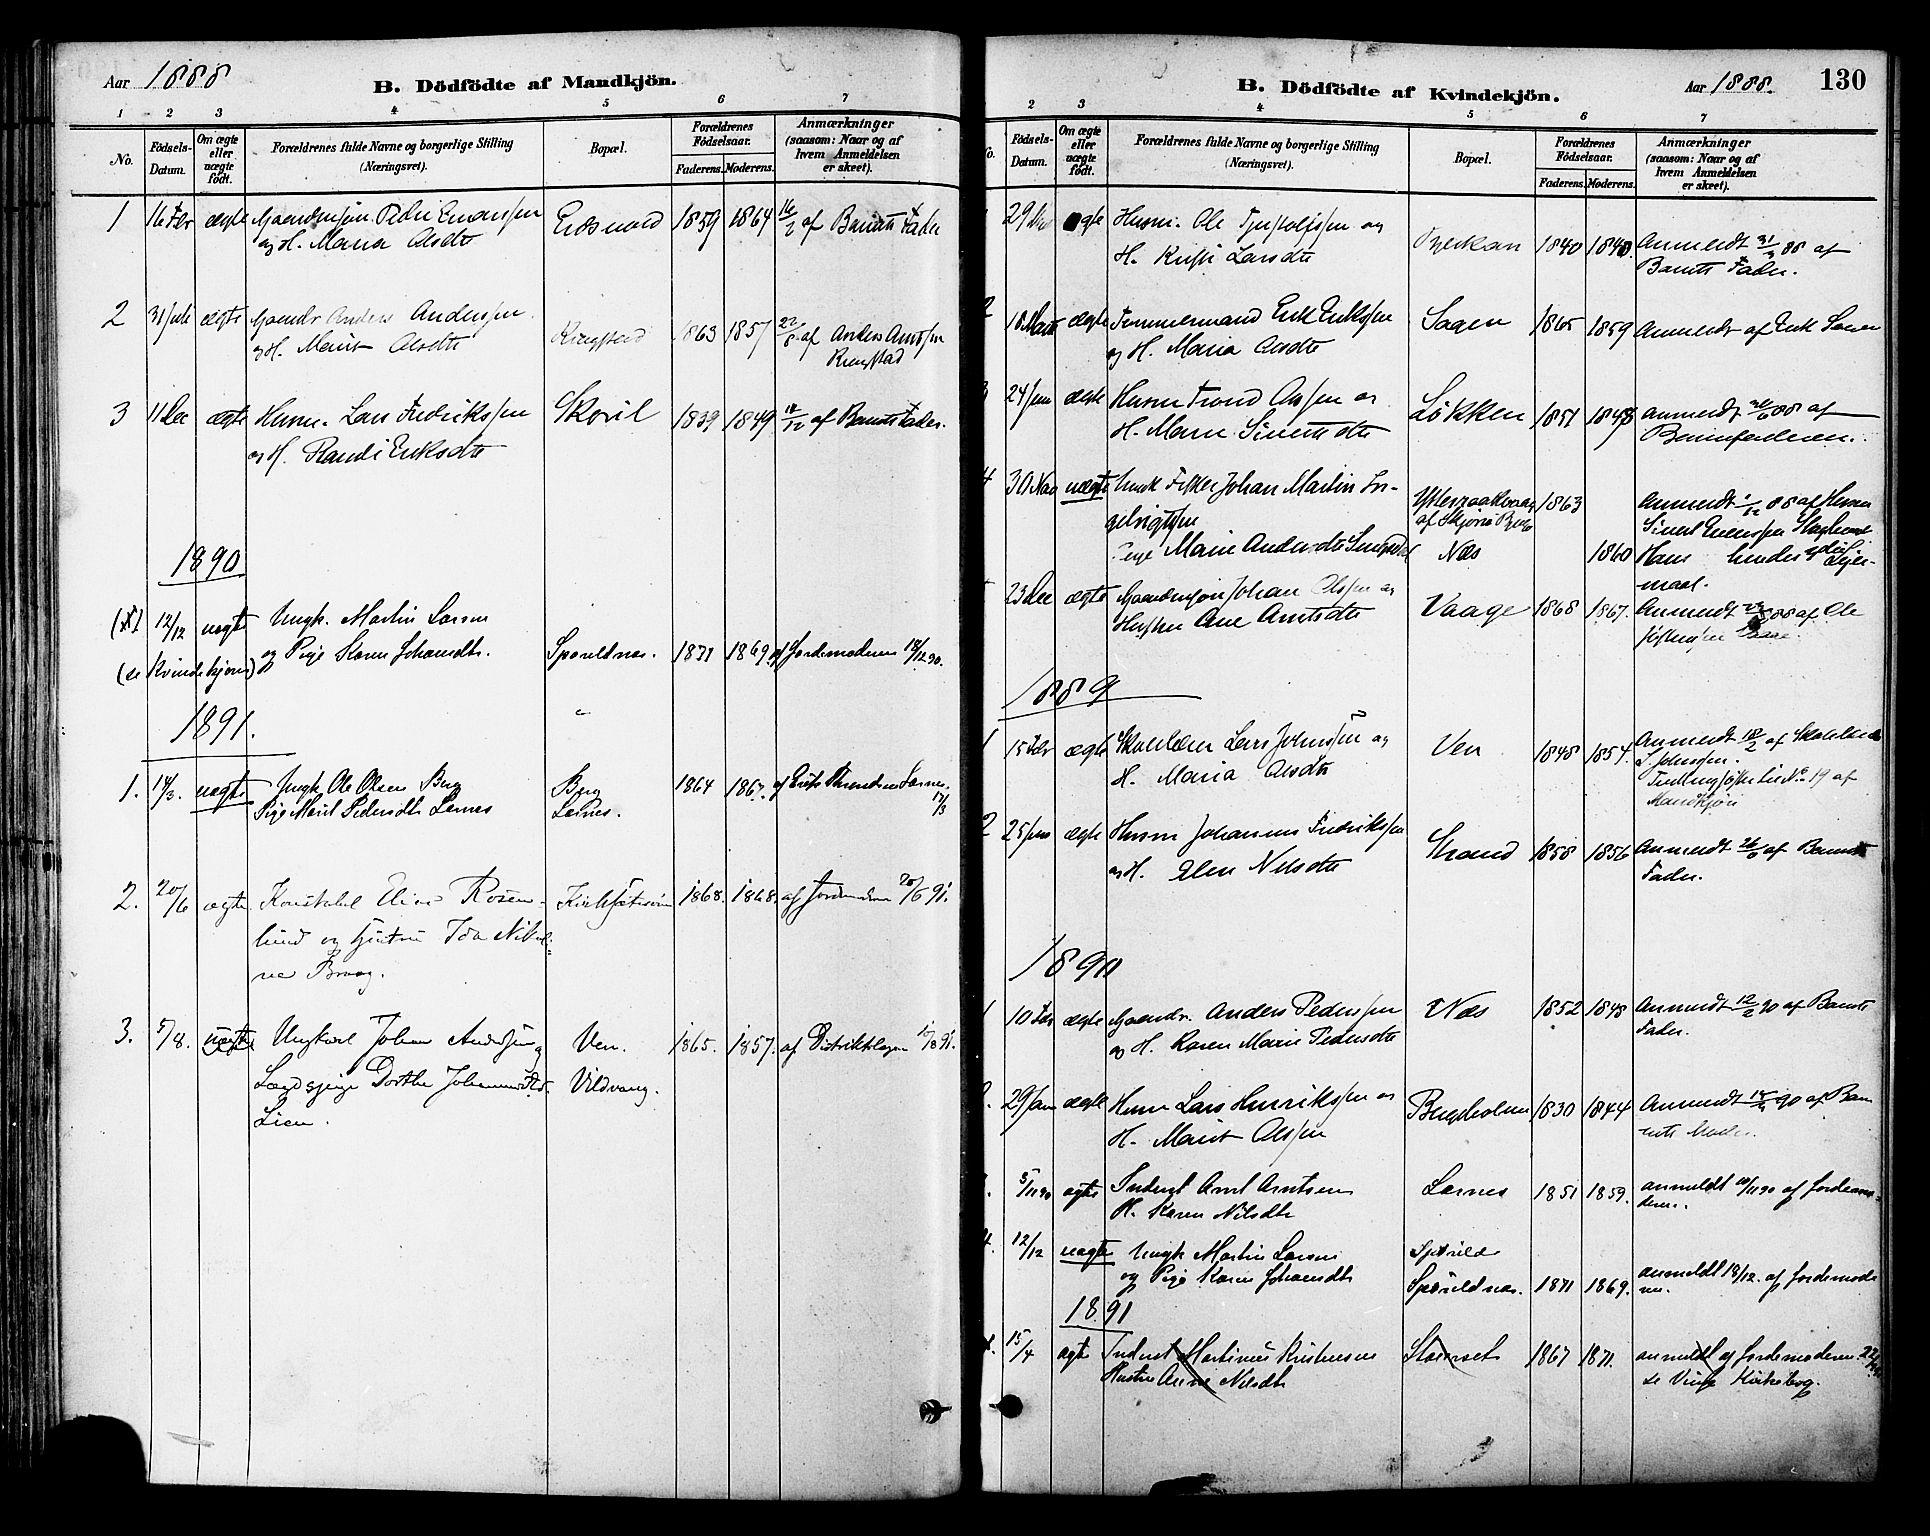 SAT, Ministerialprotokoller, klokkerbøker og fødselsregistre - Sør-Trøndelag, 630/L0496: Ministerialbok nr. 630A09, 1879-1895, s. 130